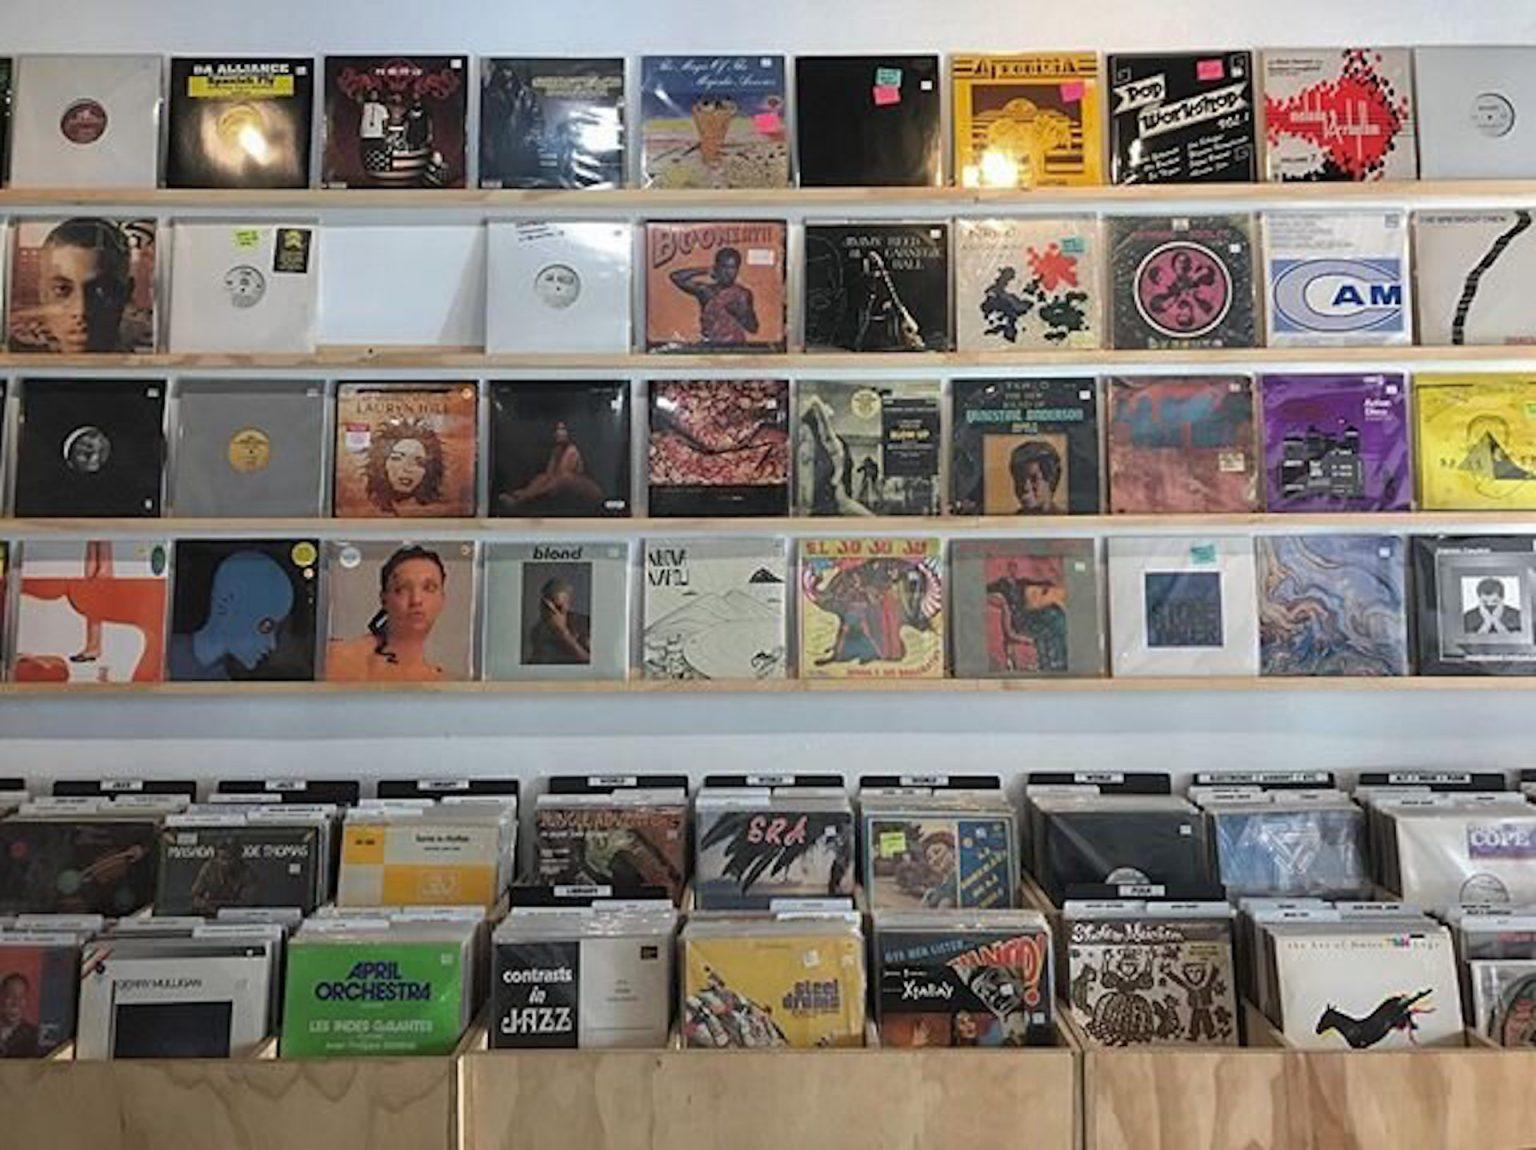 Paradise-Records_18.05.20-1440x1078 オーディオテクニカとDiscogsが提携し、世界各国のレコード店をサポート